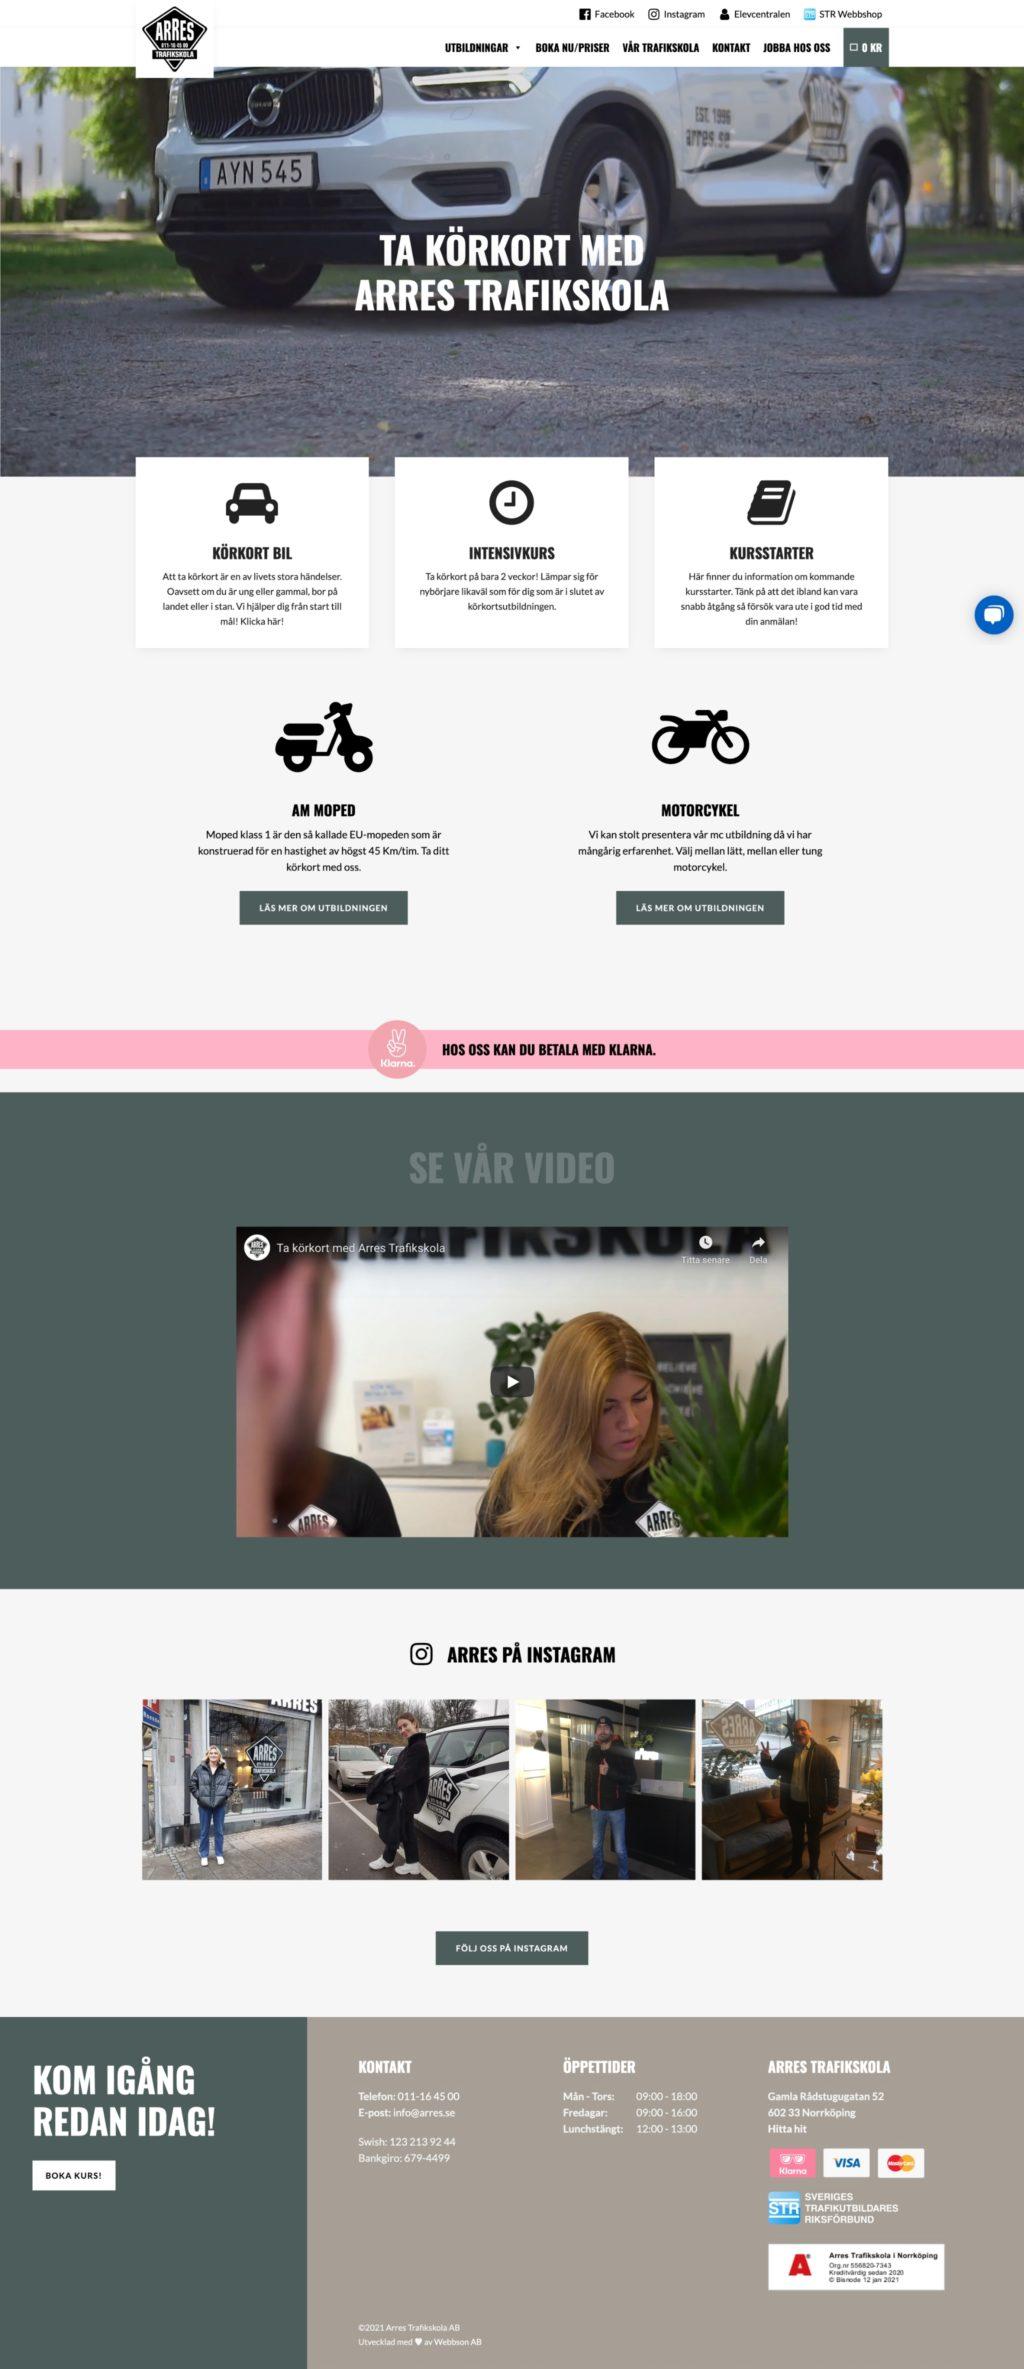 Webbson AB bygger en mobilanpassad hemsida till Arres trafikskola i Norrköping